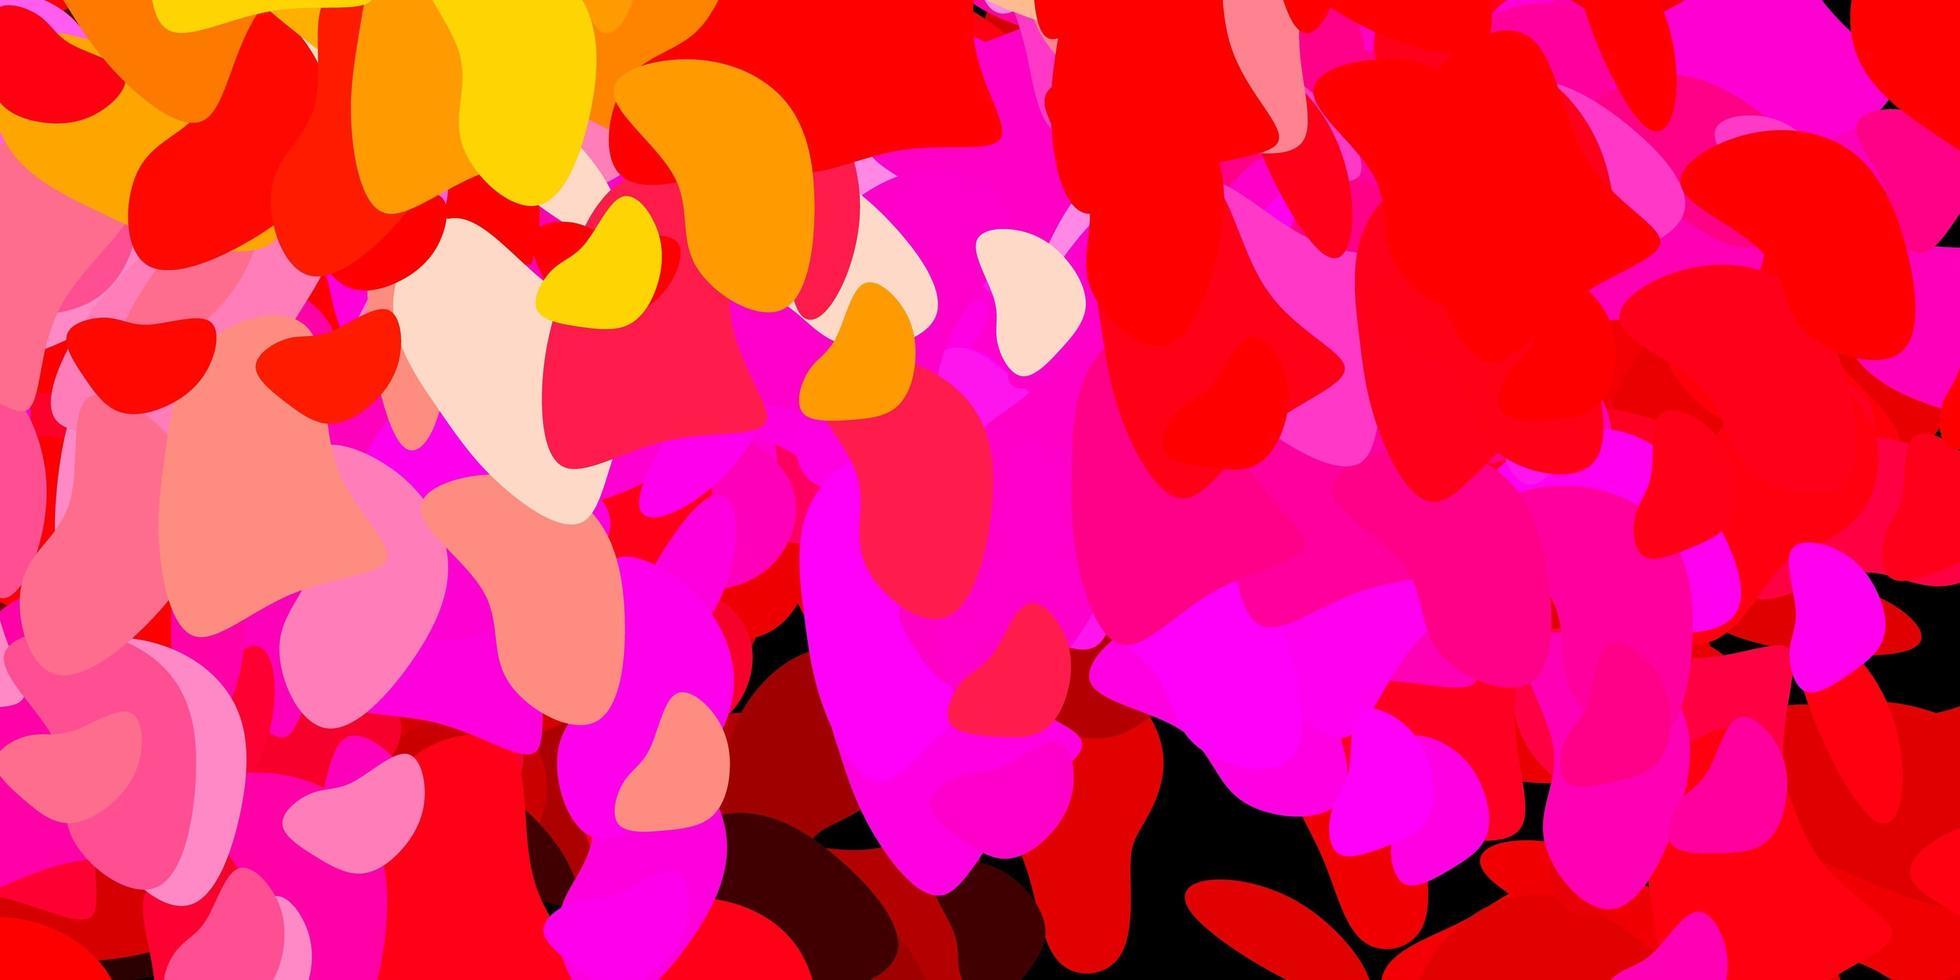 ljusrosa, gult vektormönster med abstrakta former. vektor